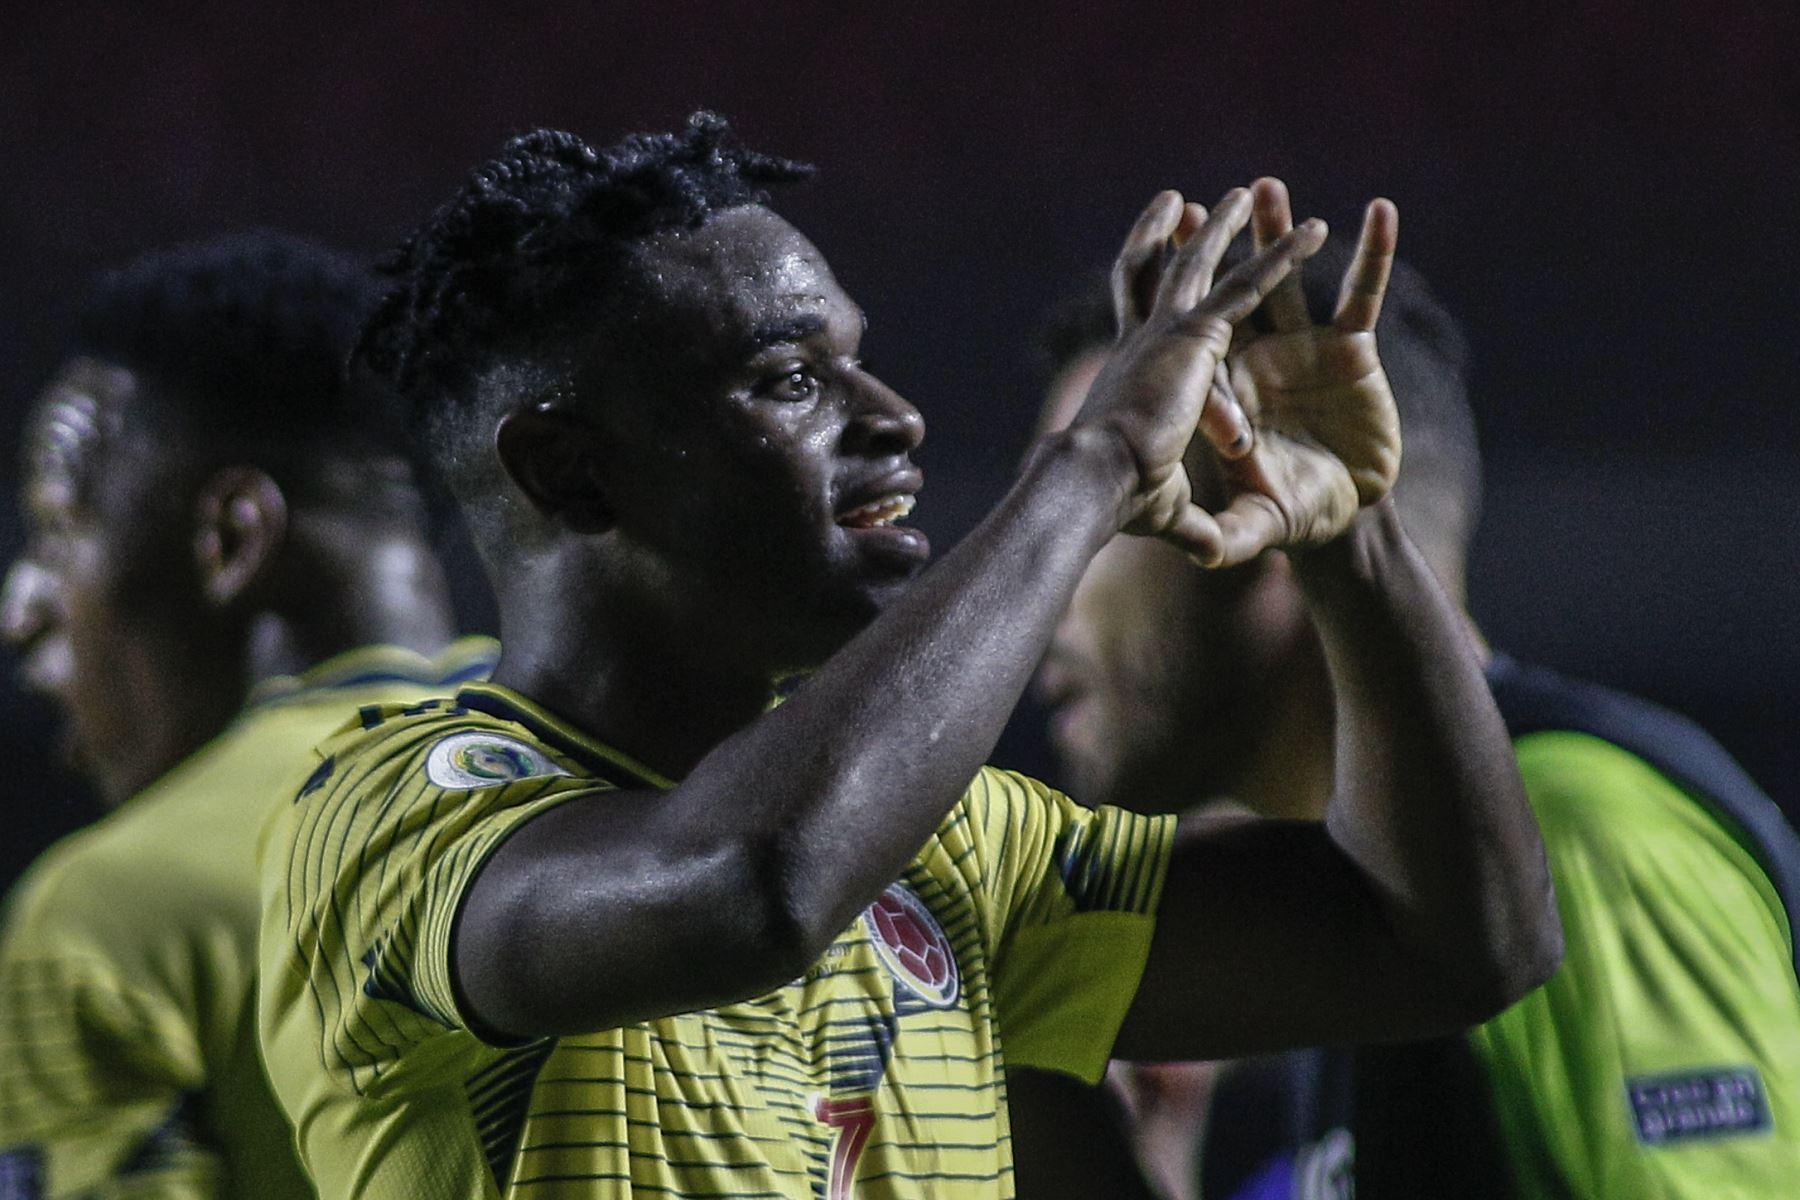 El colombiano Duvan Zapata celebra después de anotar contra Qatar durante su partido de torneo de fútbol de la Copa América en Sao Paulo, Brasil. Foto: AFP